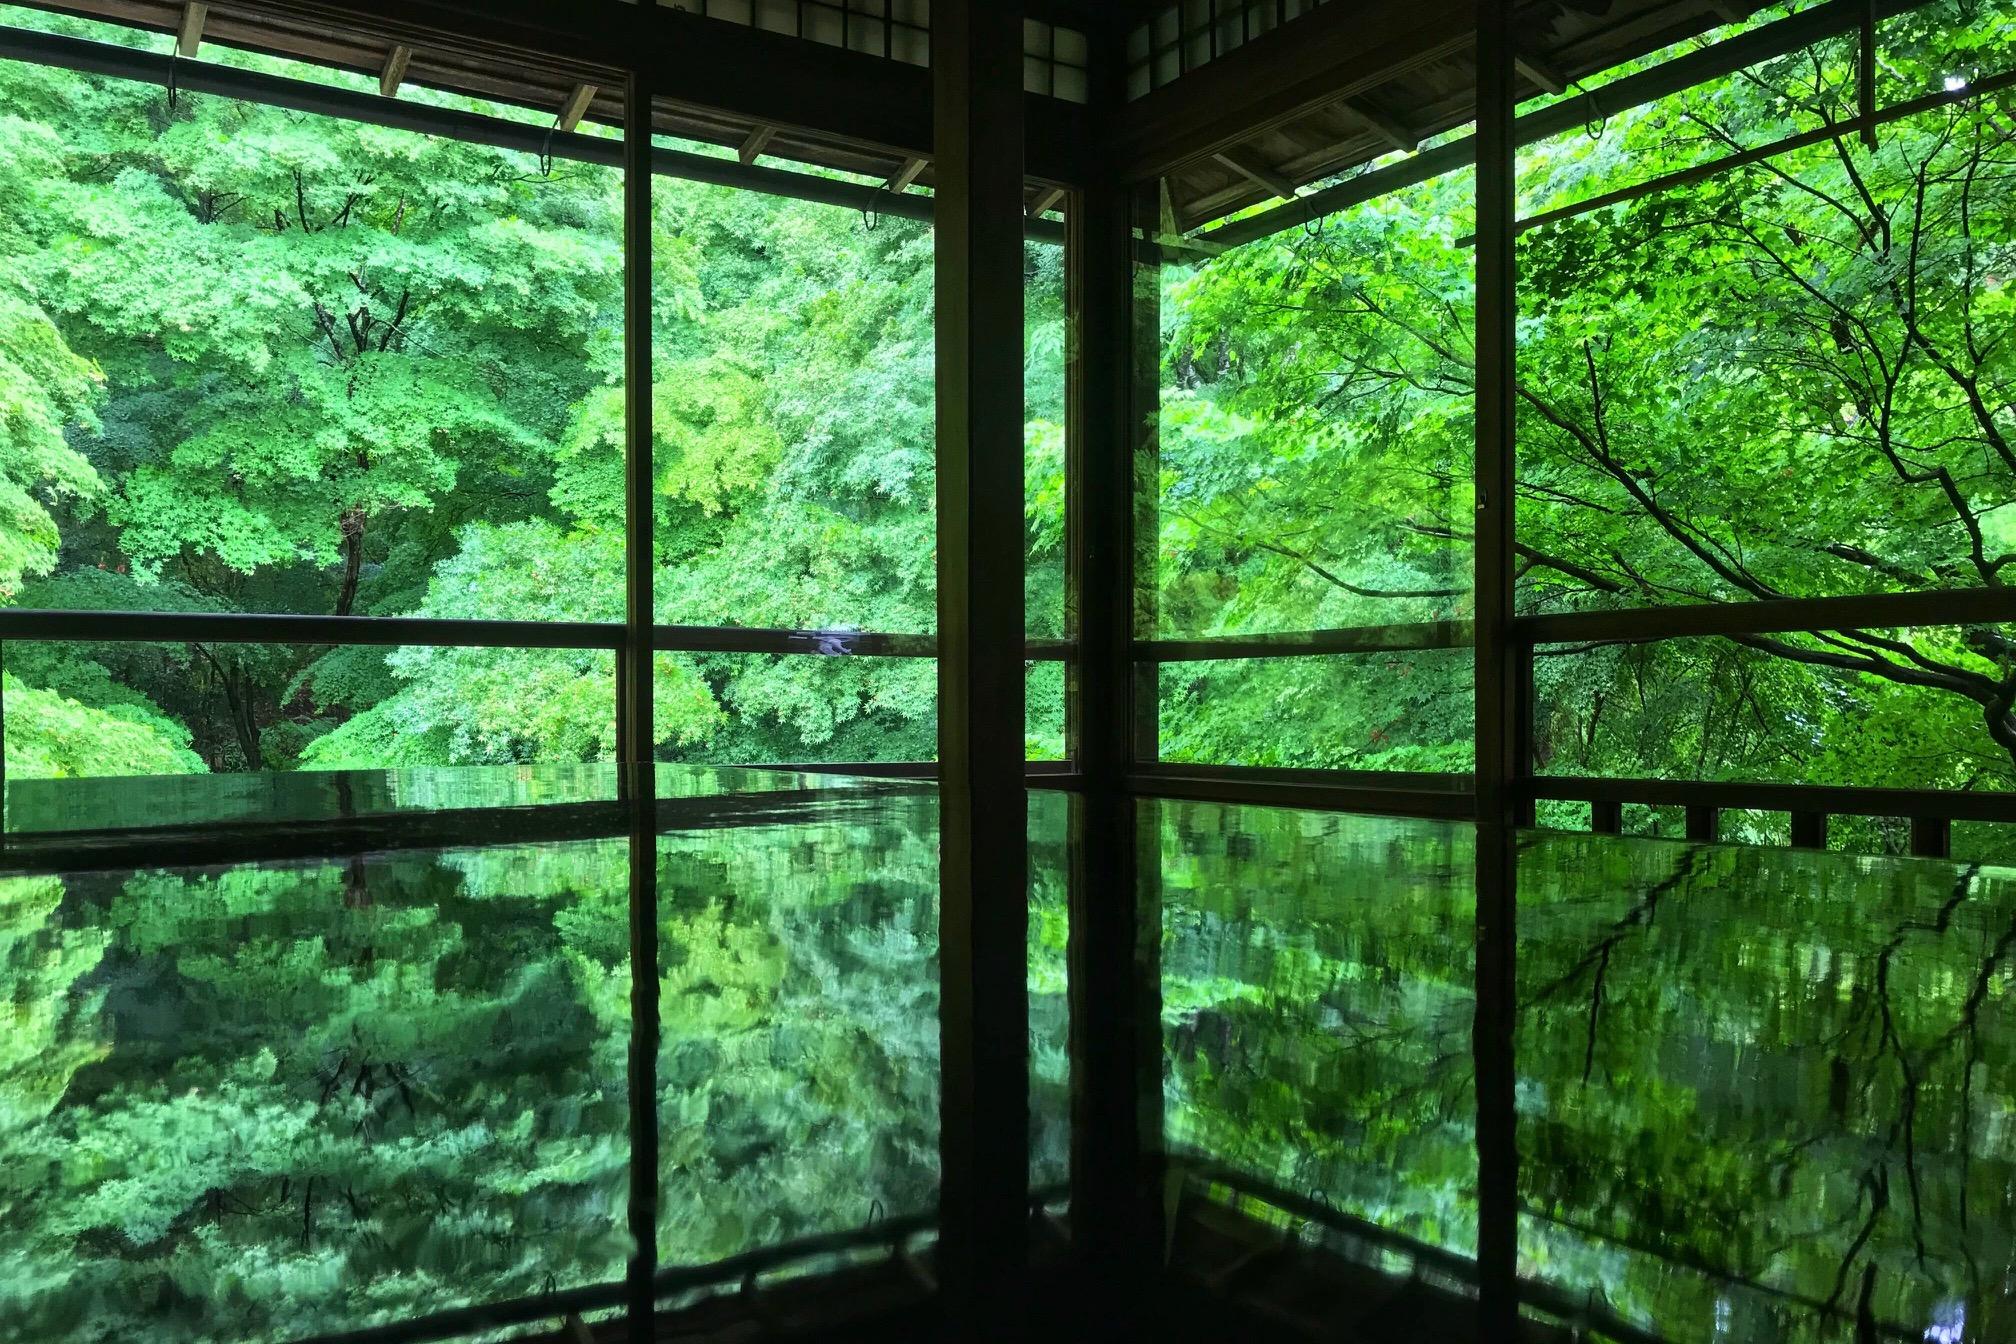 樱花过后,又见古都添新绿--初夏来京都赏青枫